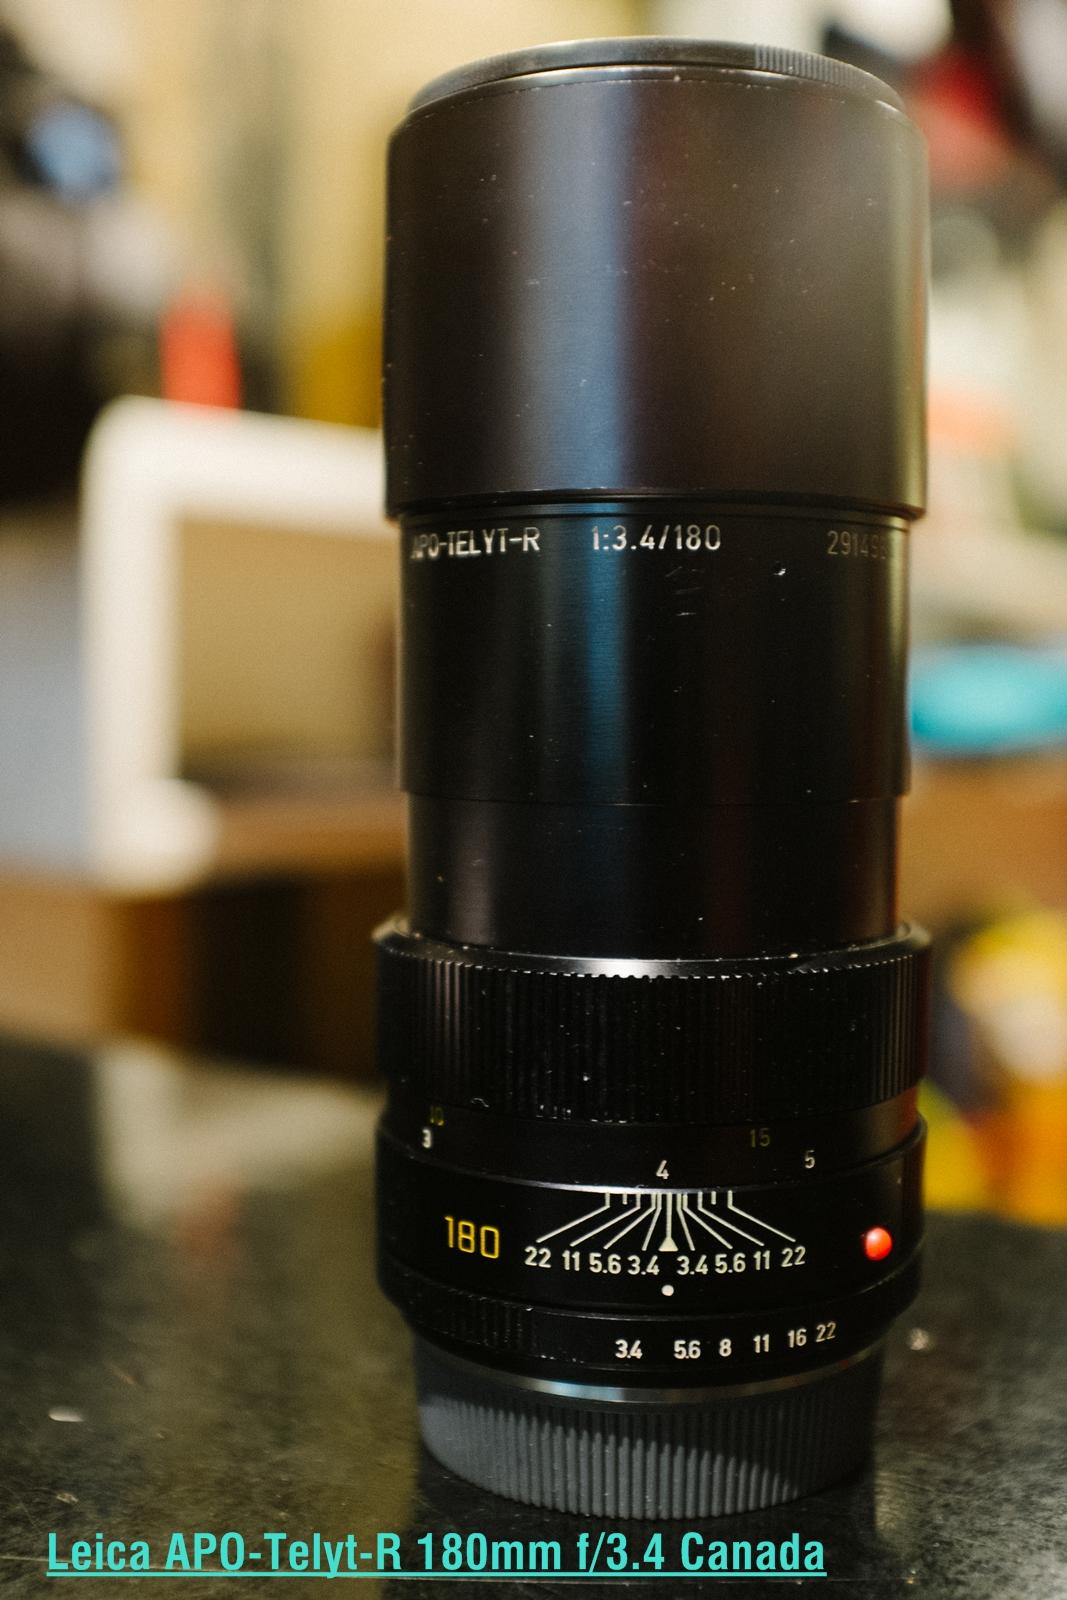 Leica APO-Telyt-R 180mm f/3.4 Canada